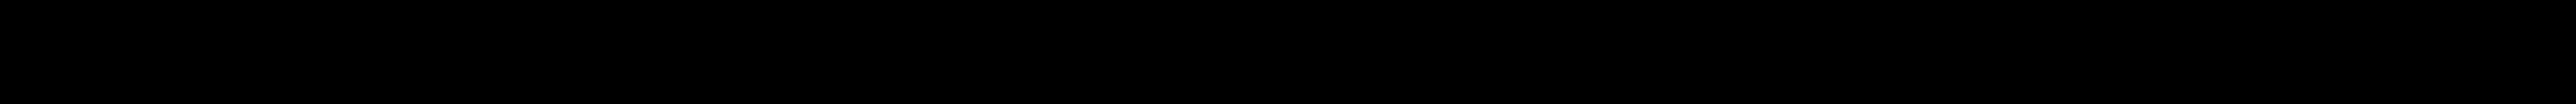 Design System E 300R